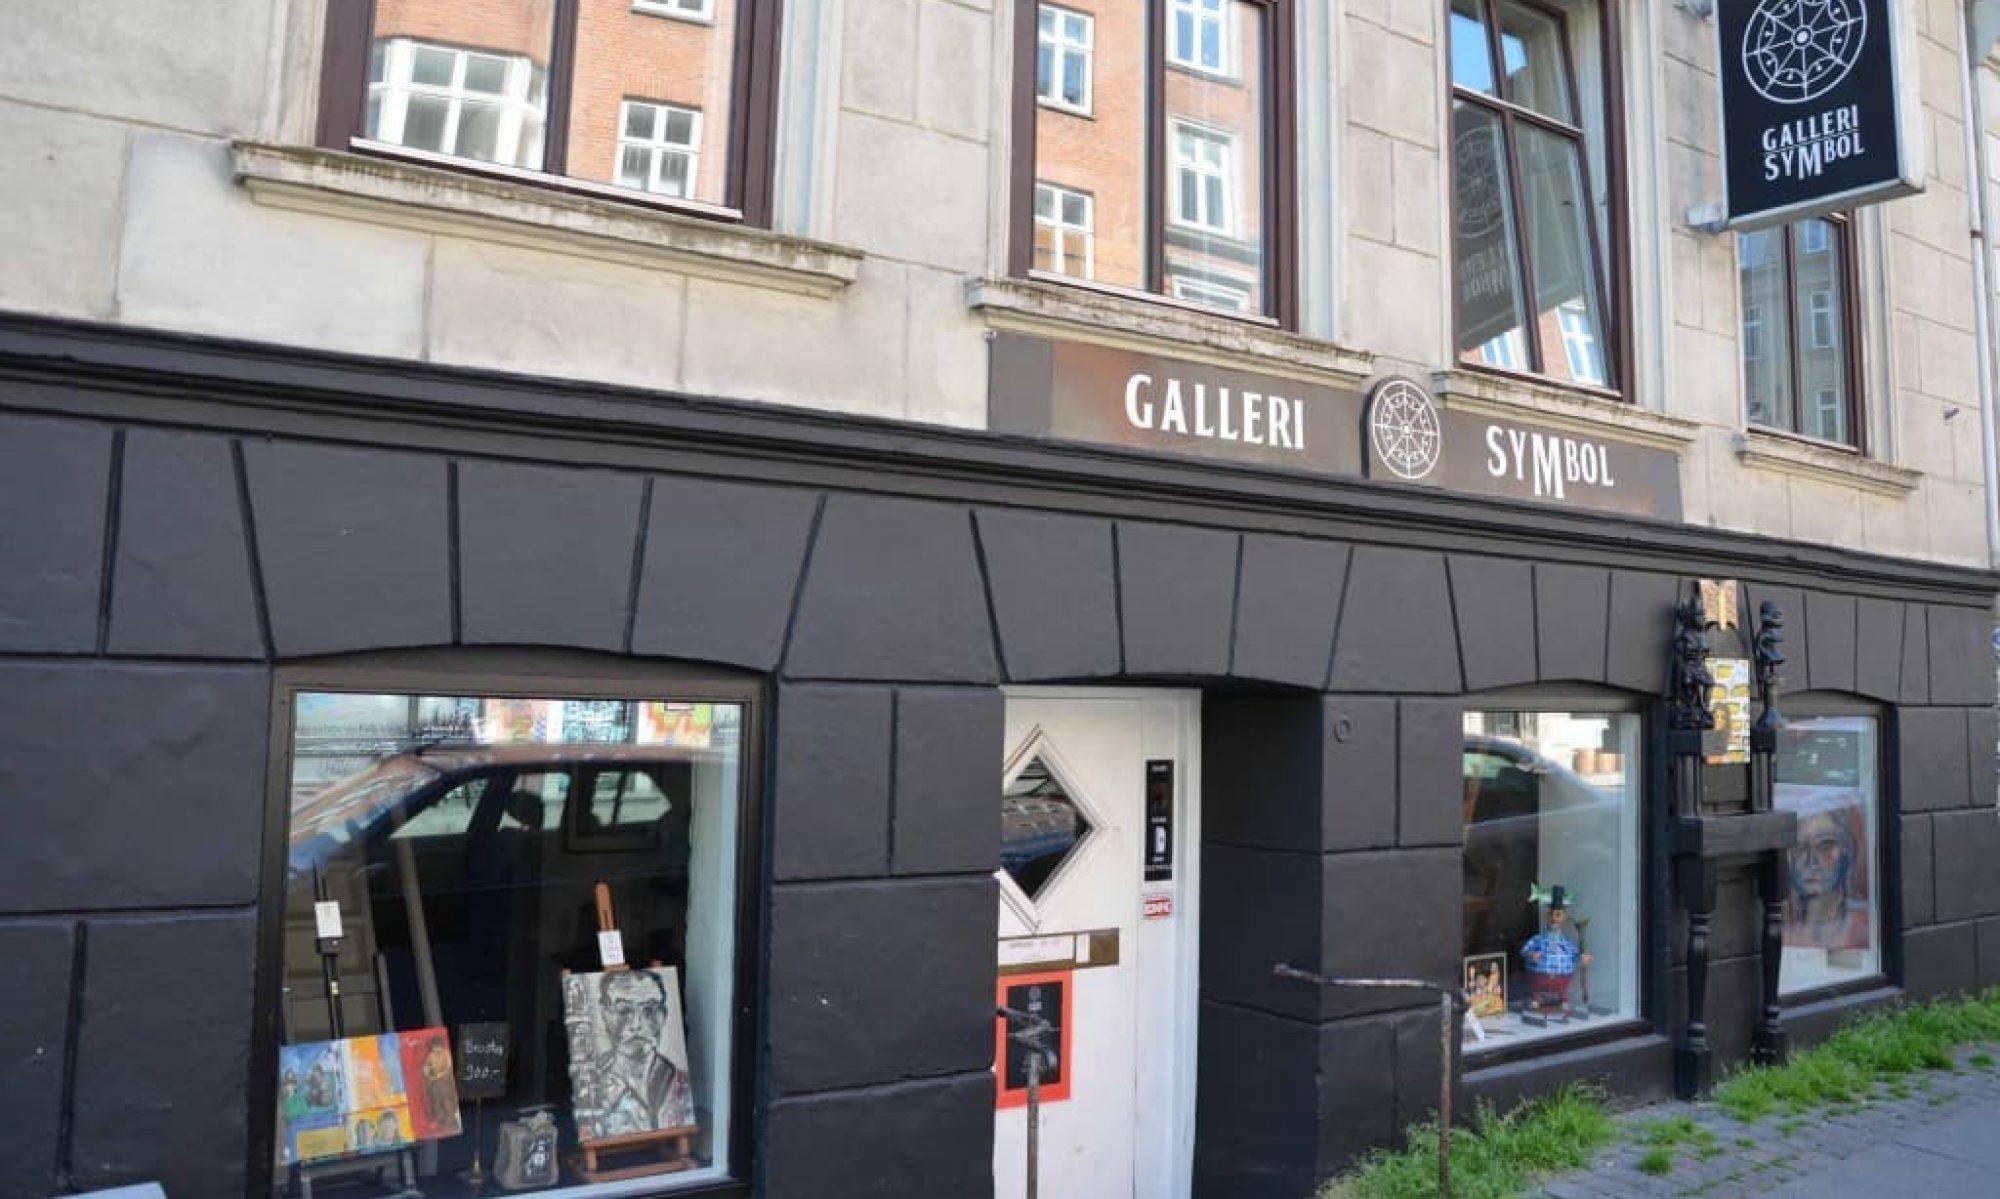 Galleri Symbol